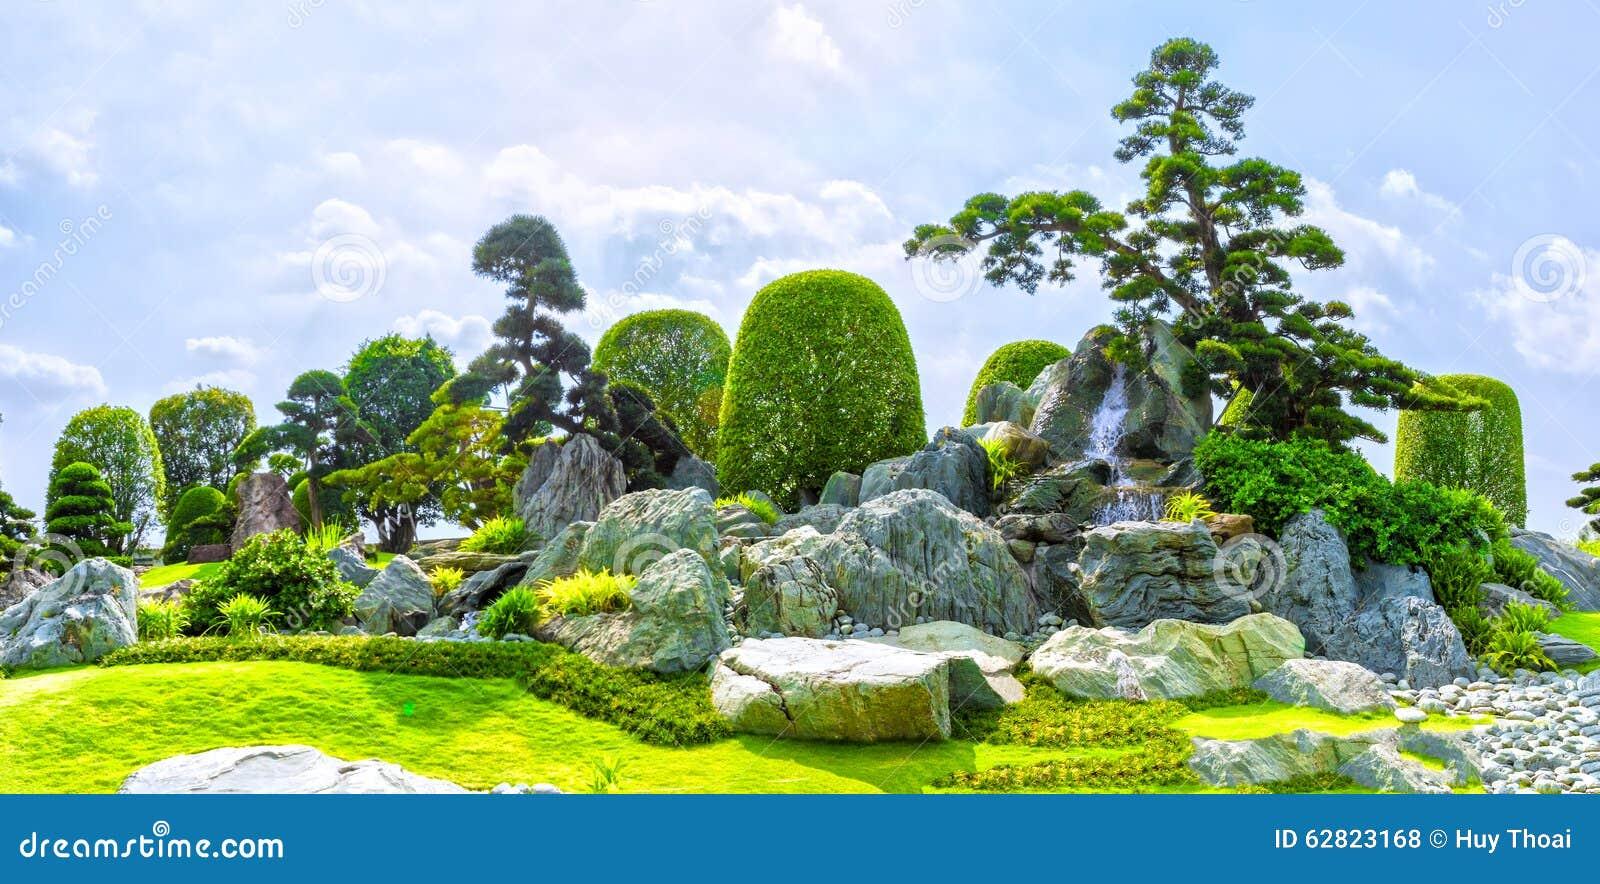 Japanischer steingarten in vietnam stockfoto bild von - Japanischer steingarten ...